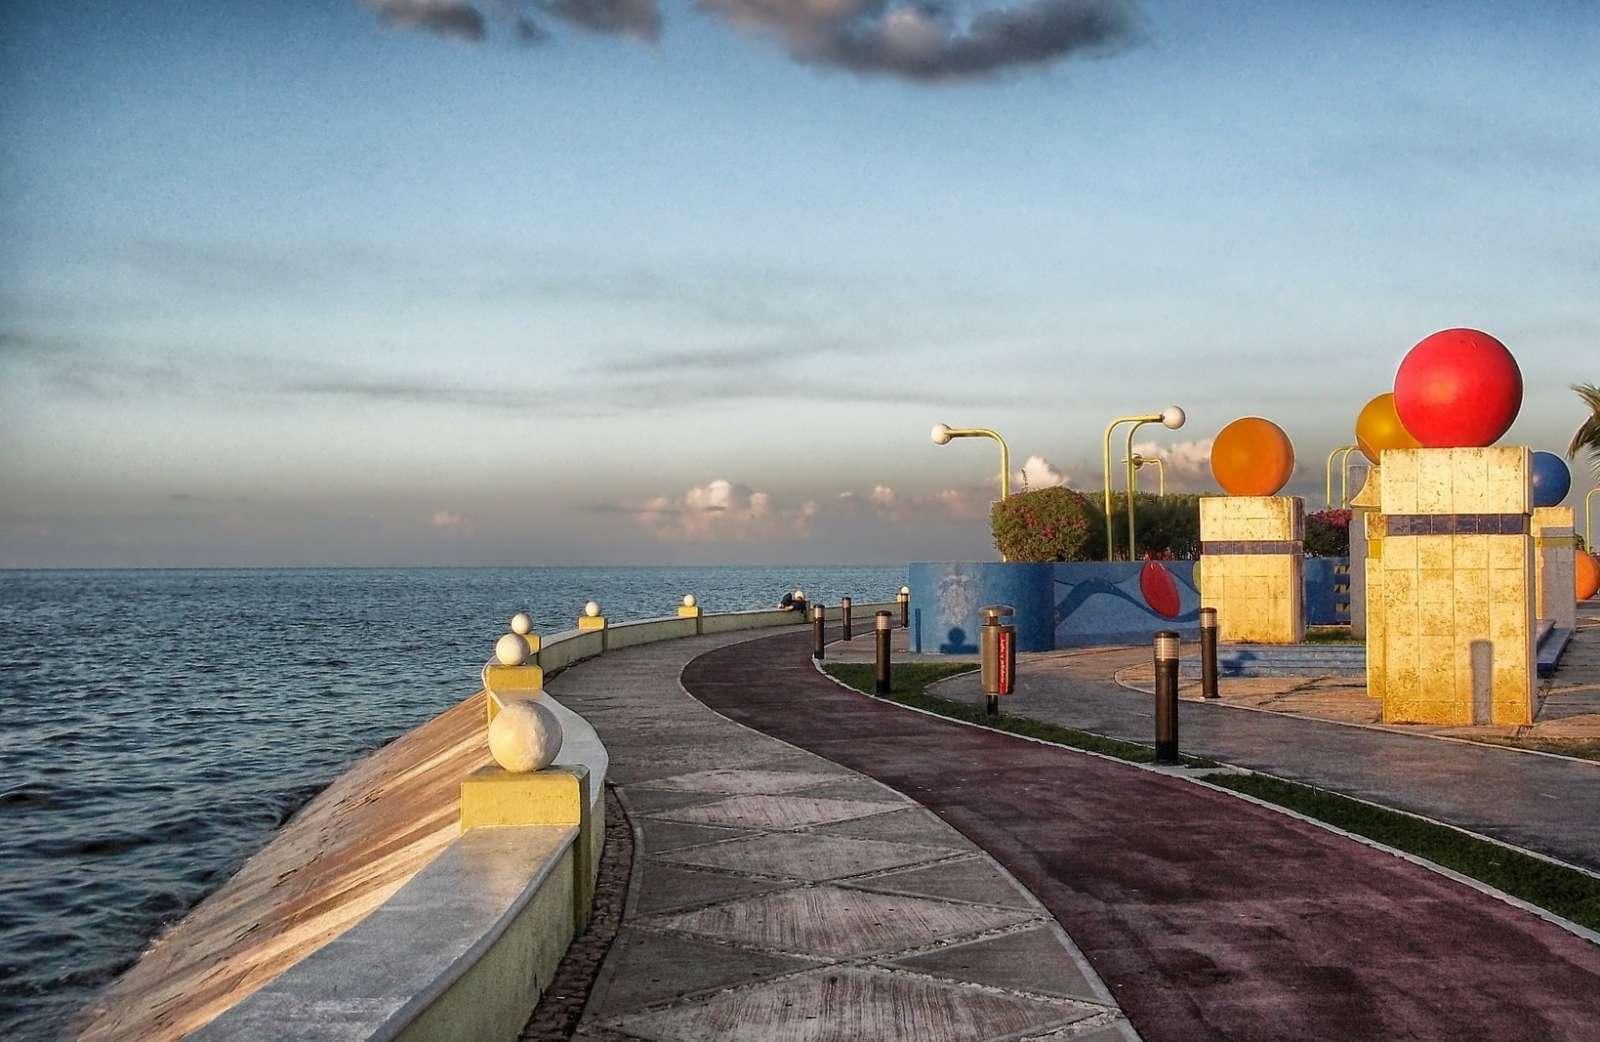 Seafront Promenade in Campeche Mexico